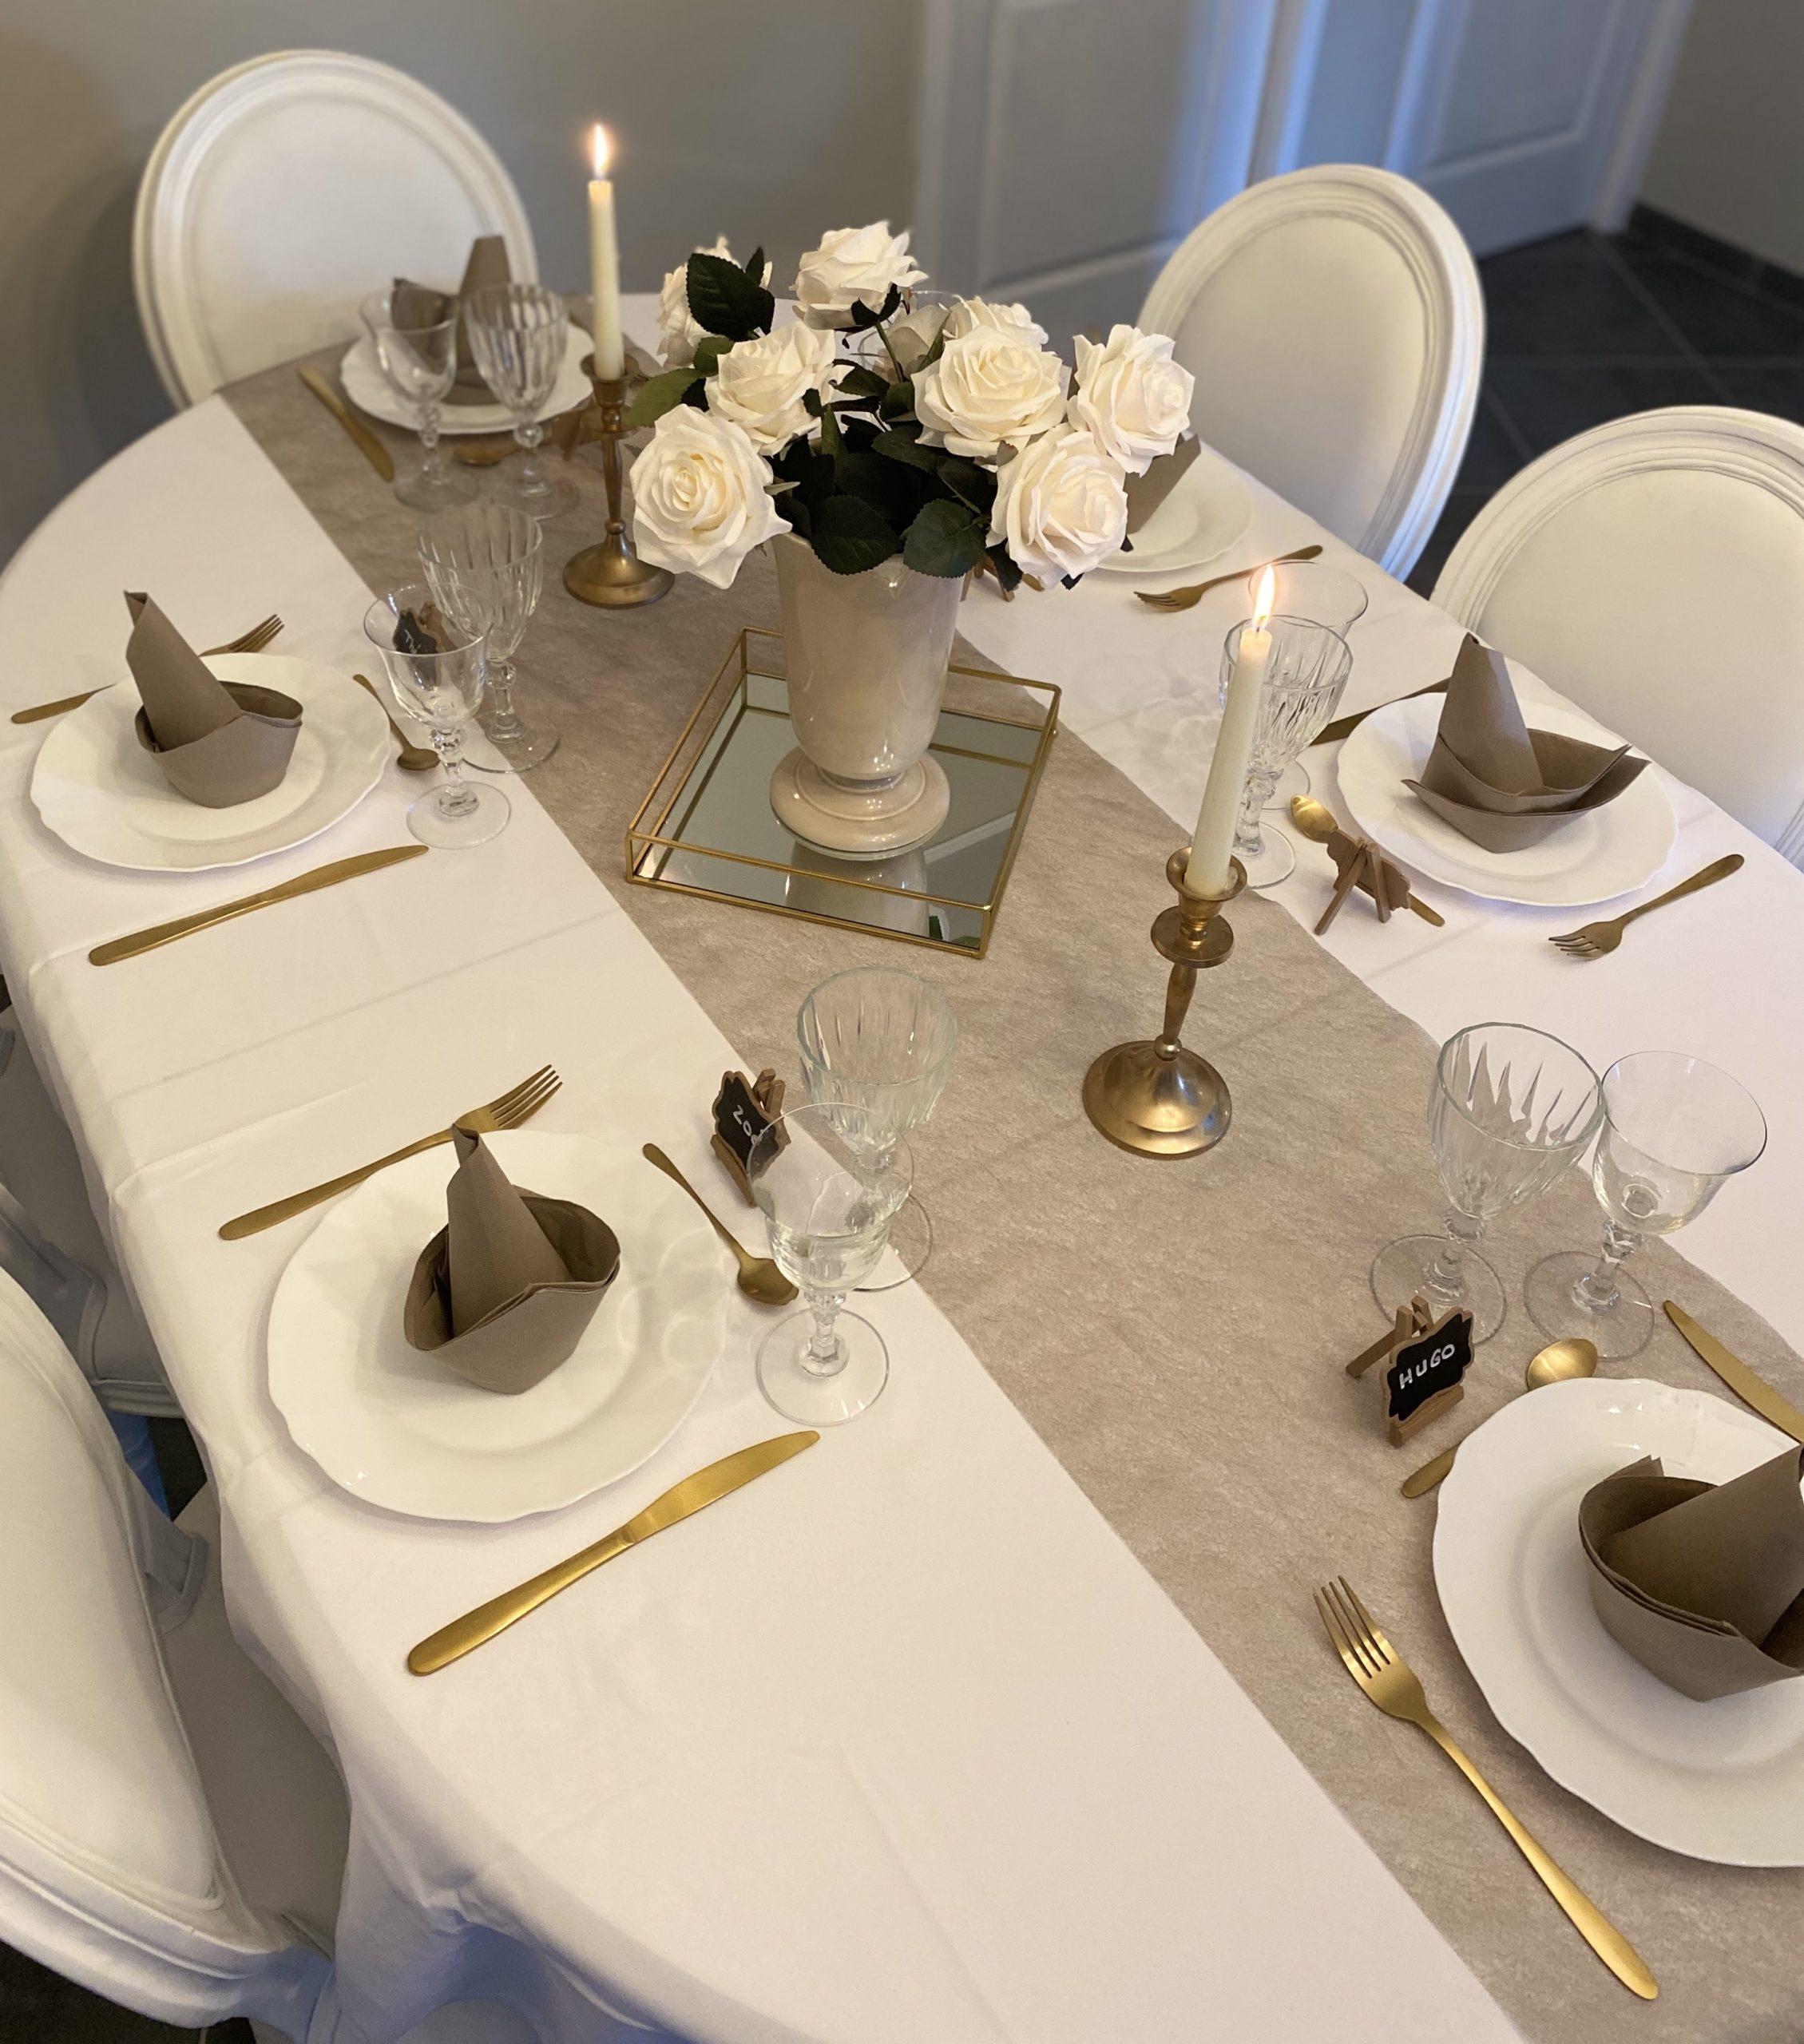 Table dressée à l'occasion d'une réception - C&D Events Wedding planner / Organisatrice d'événements privés Oise et Paris